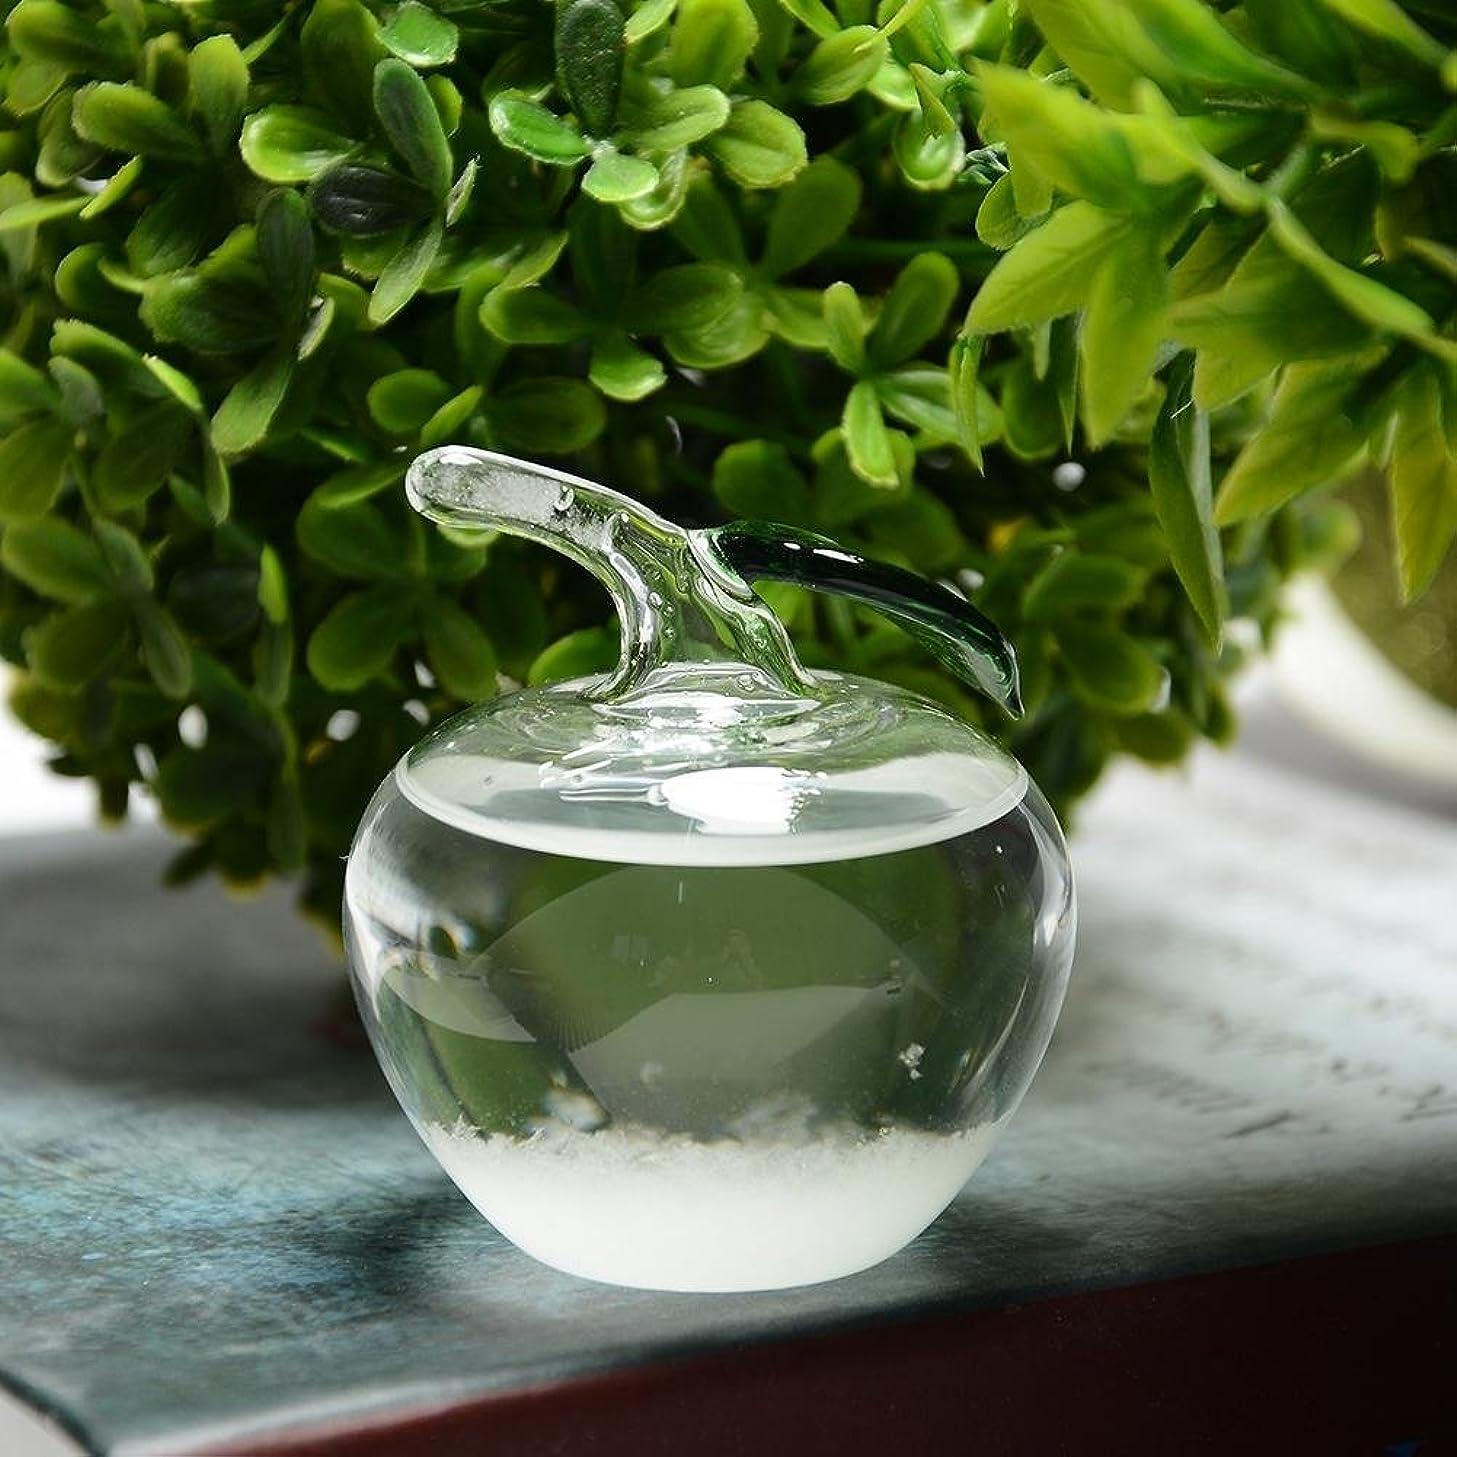 献身廃止発明するJicorzo - 小さなクリスタル天気予報ボトルガラスストームボトルホームオフィスの装飾のギフト[ミニアップル]